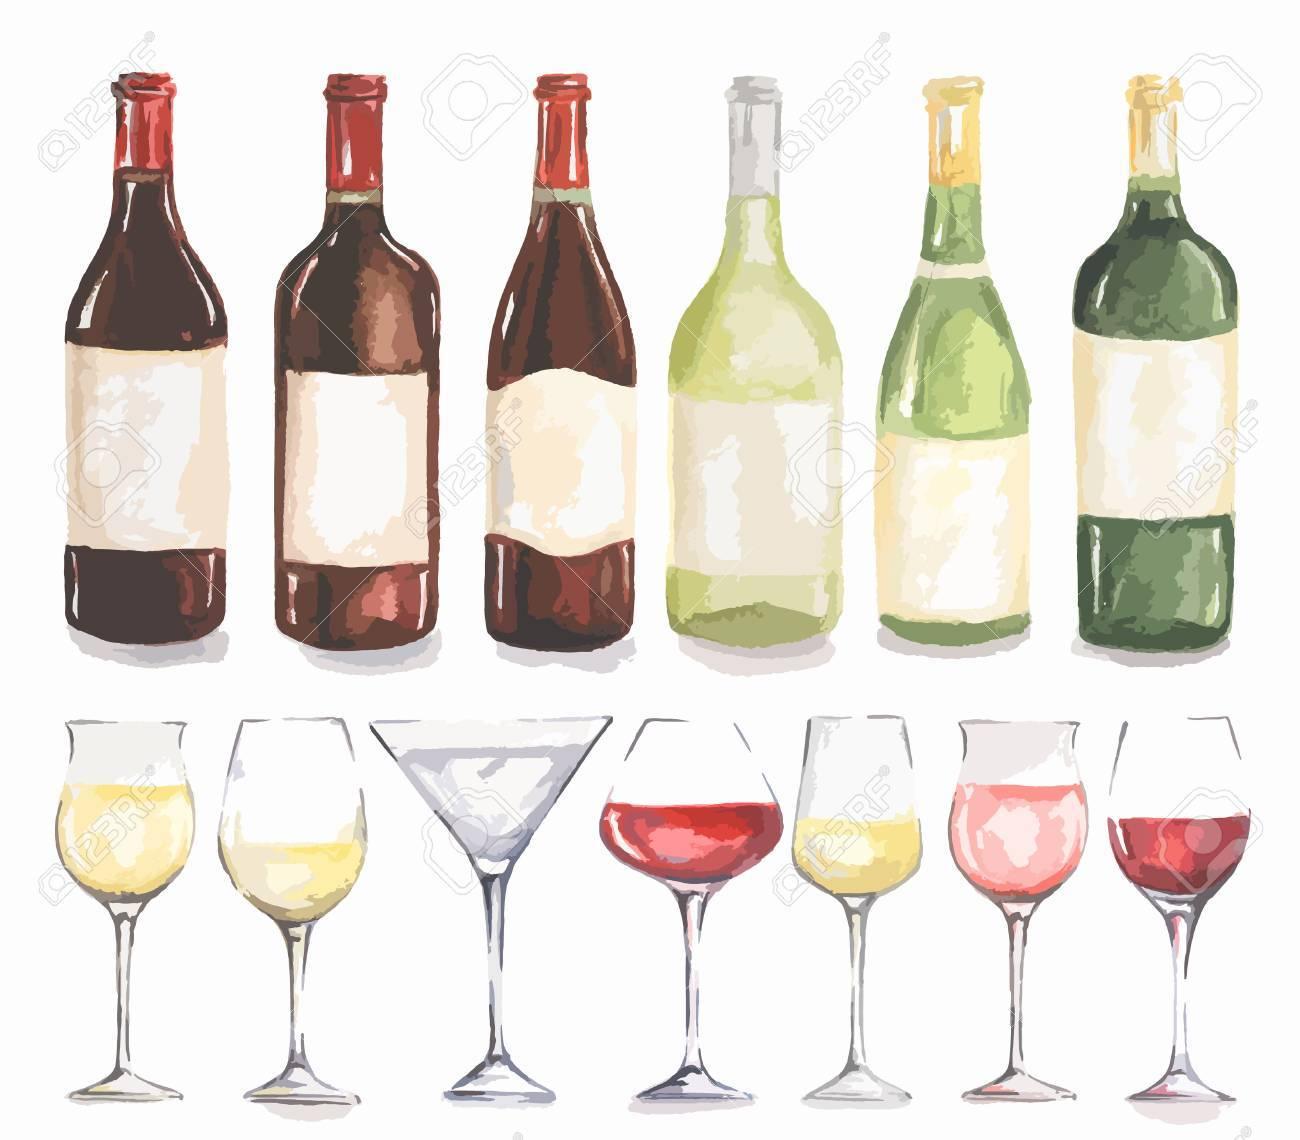 Erfreut Wein Flaschen Aufkleber Schablone Wort Ideen - Bilder für ...